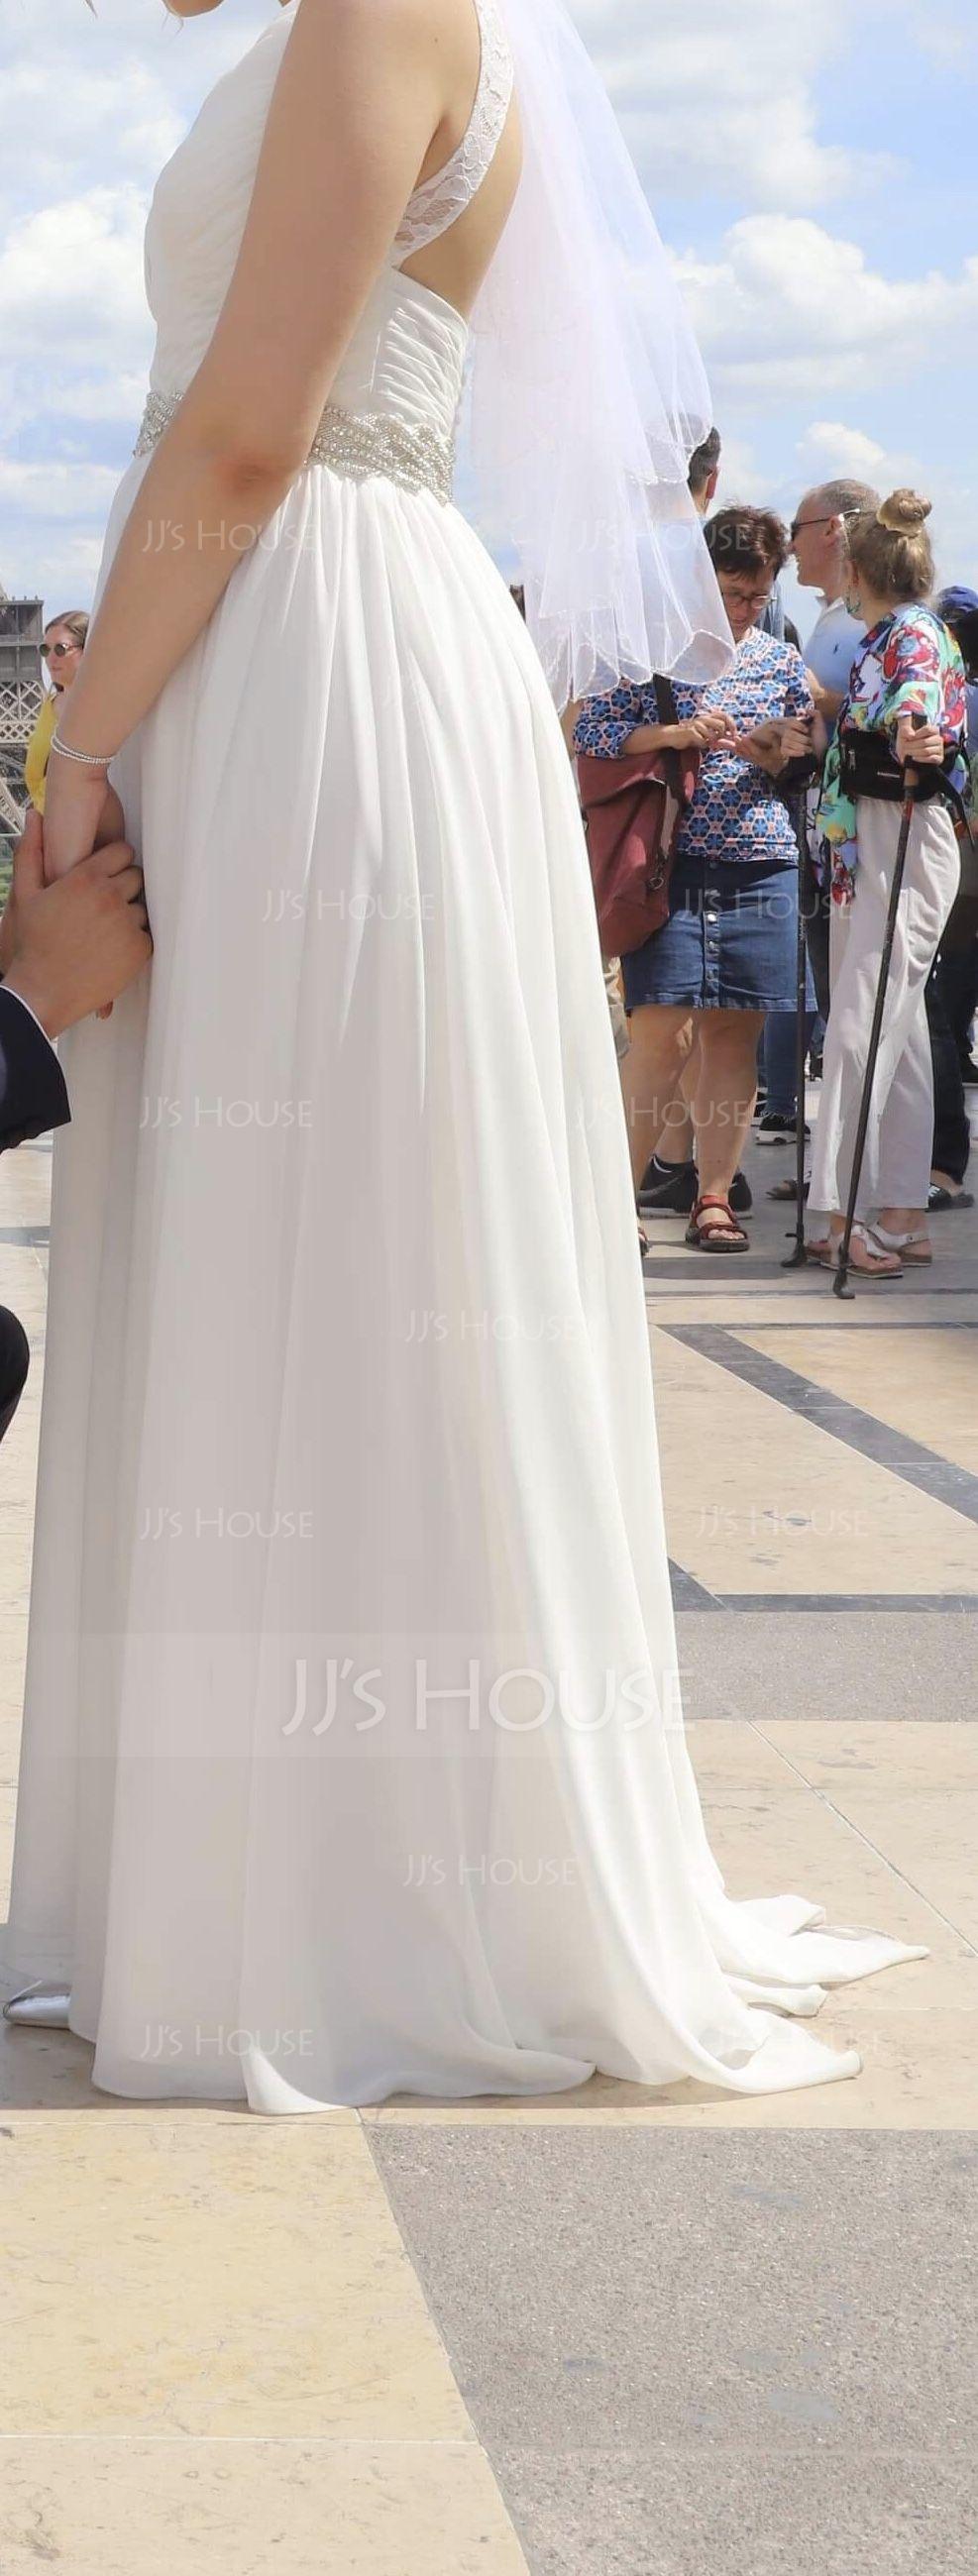 Coupe Évasée Col V Balayage/Pinceau train Mousseline Robe de mariée avec Plissé Dentelle Brodé Paillettes (002118433)